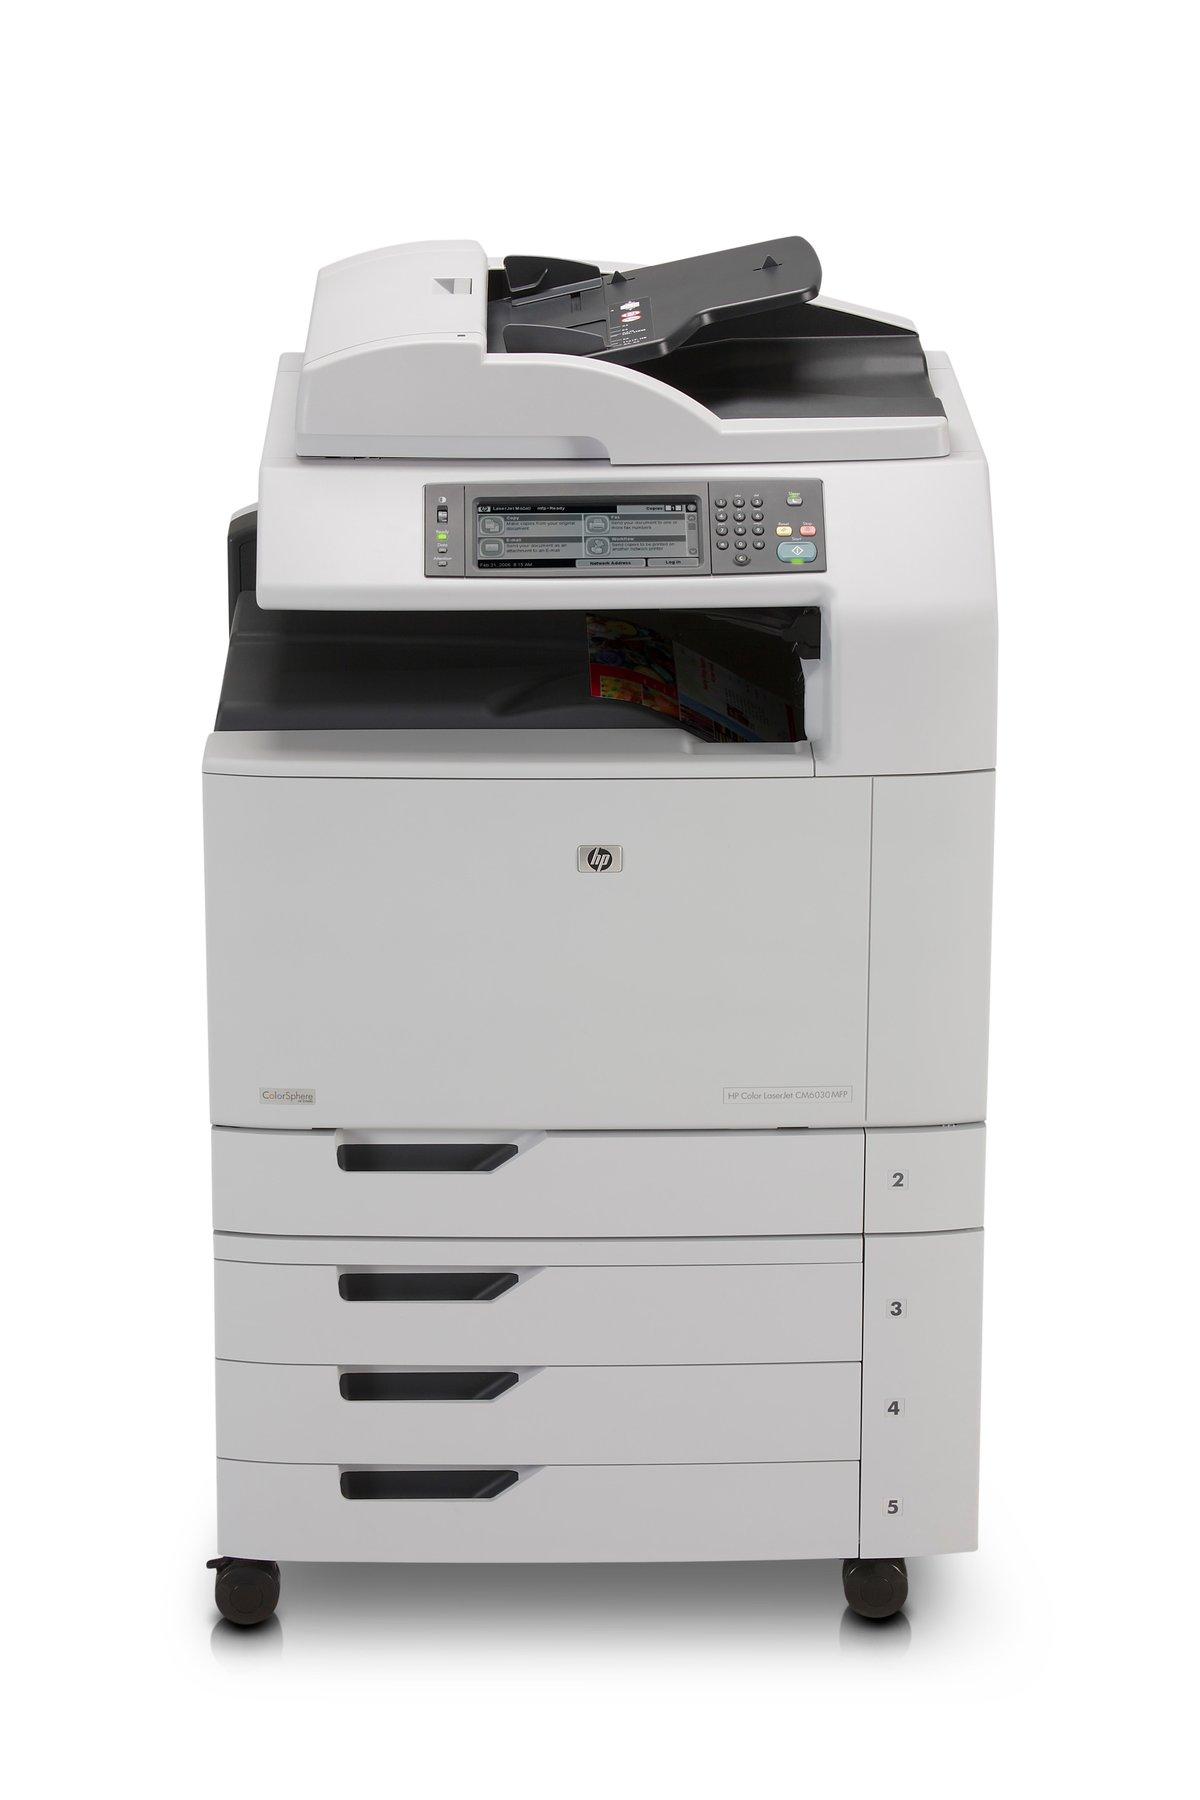 slide 1 of 6,show larger image, hp color laserjet cm6030 multifunction  printer